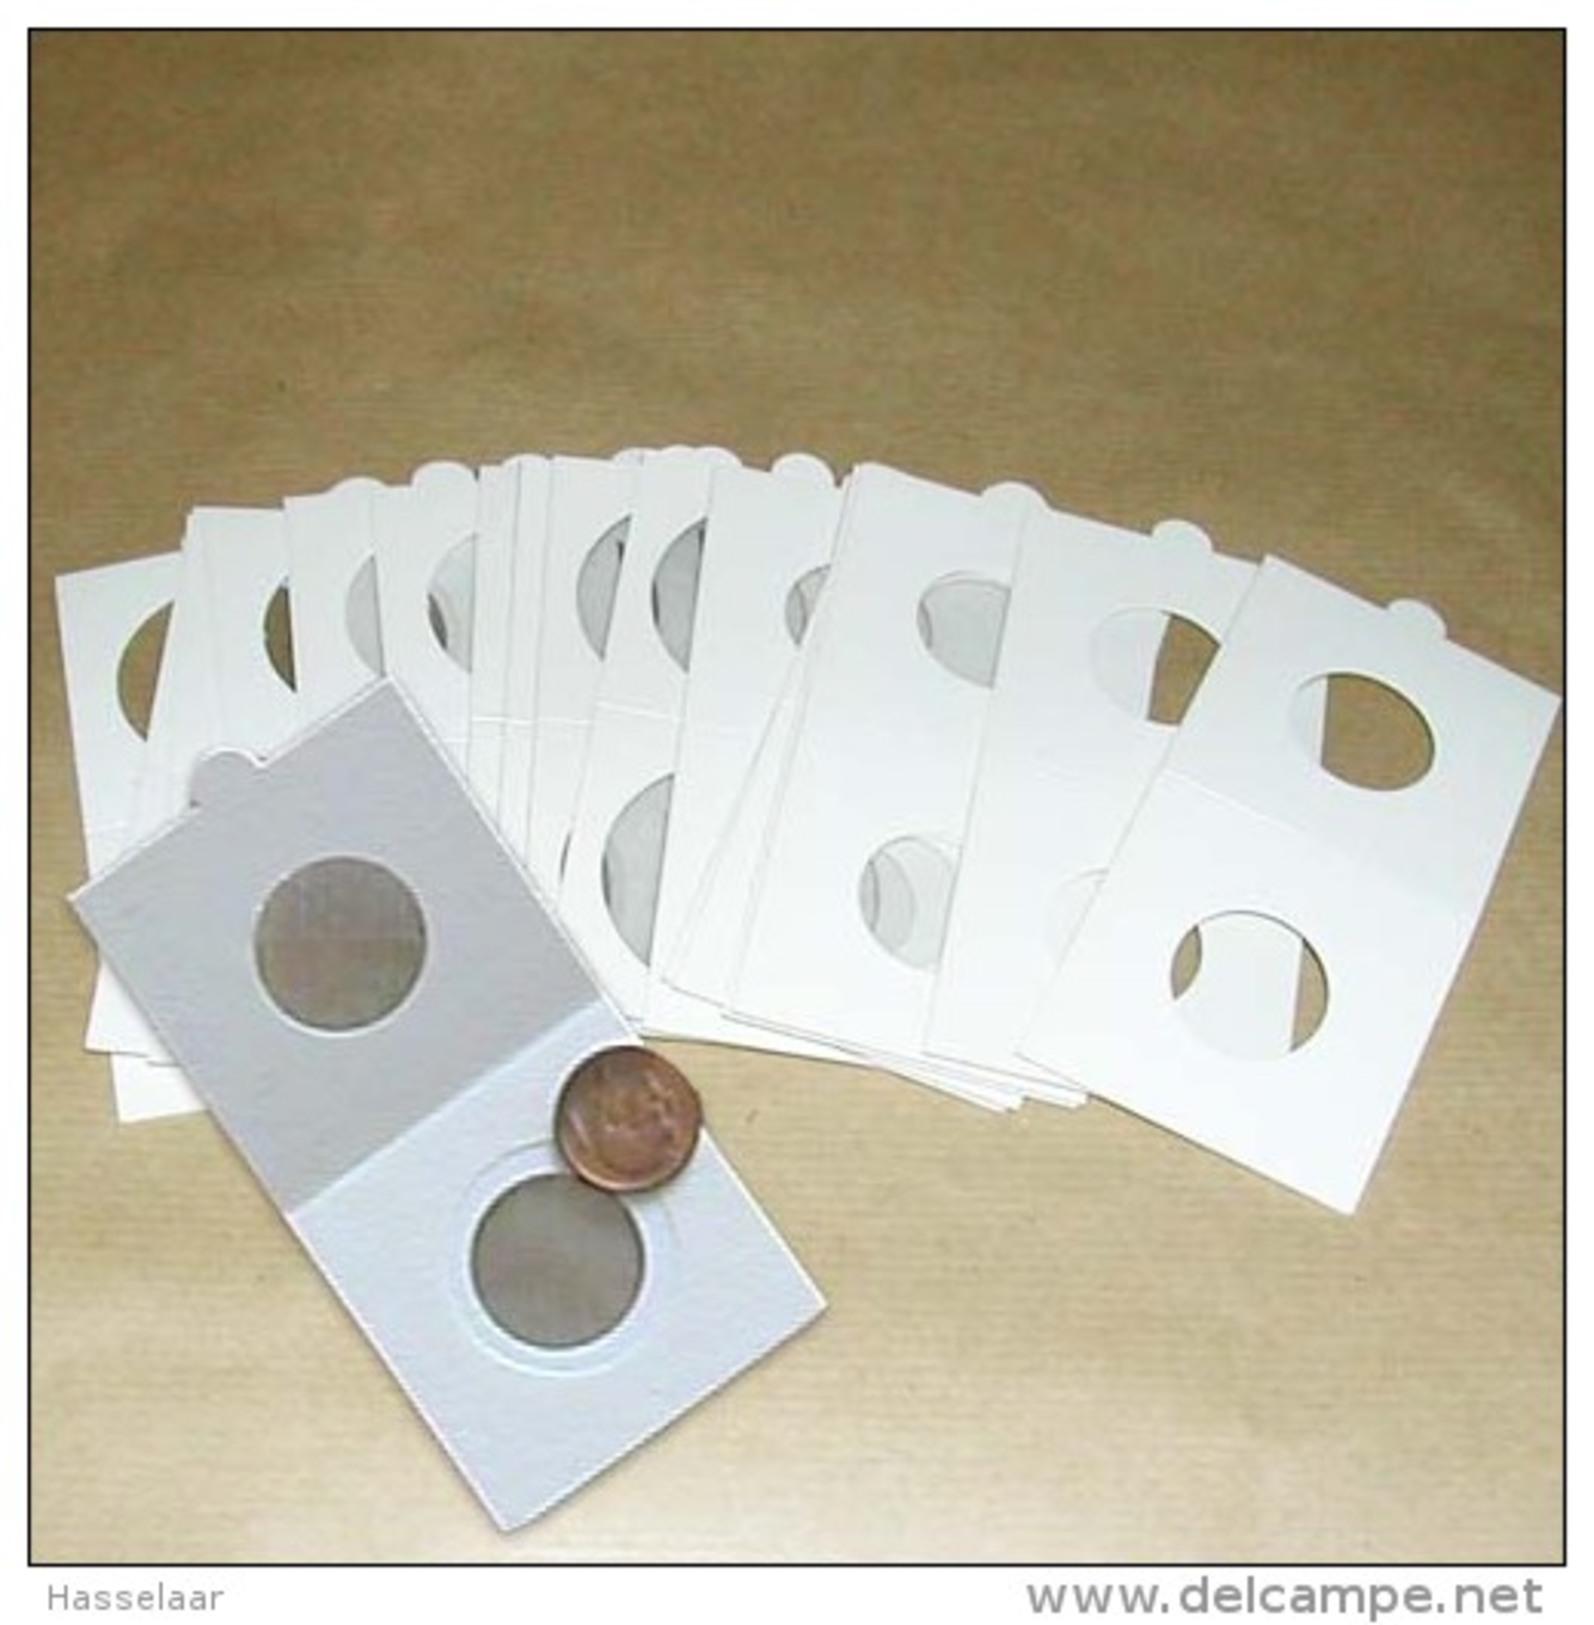 25 Cartons Pour Pièces De Monnaies Hartberger à Agrafer - 37,50 Mm - Matériel